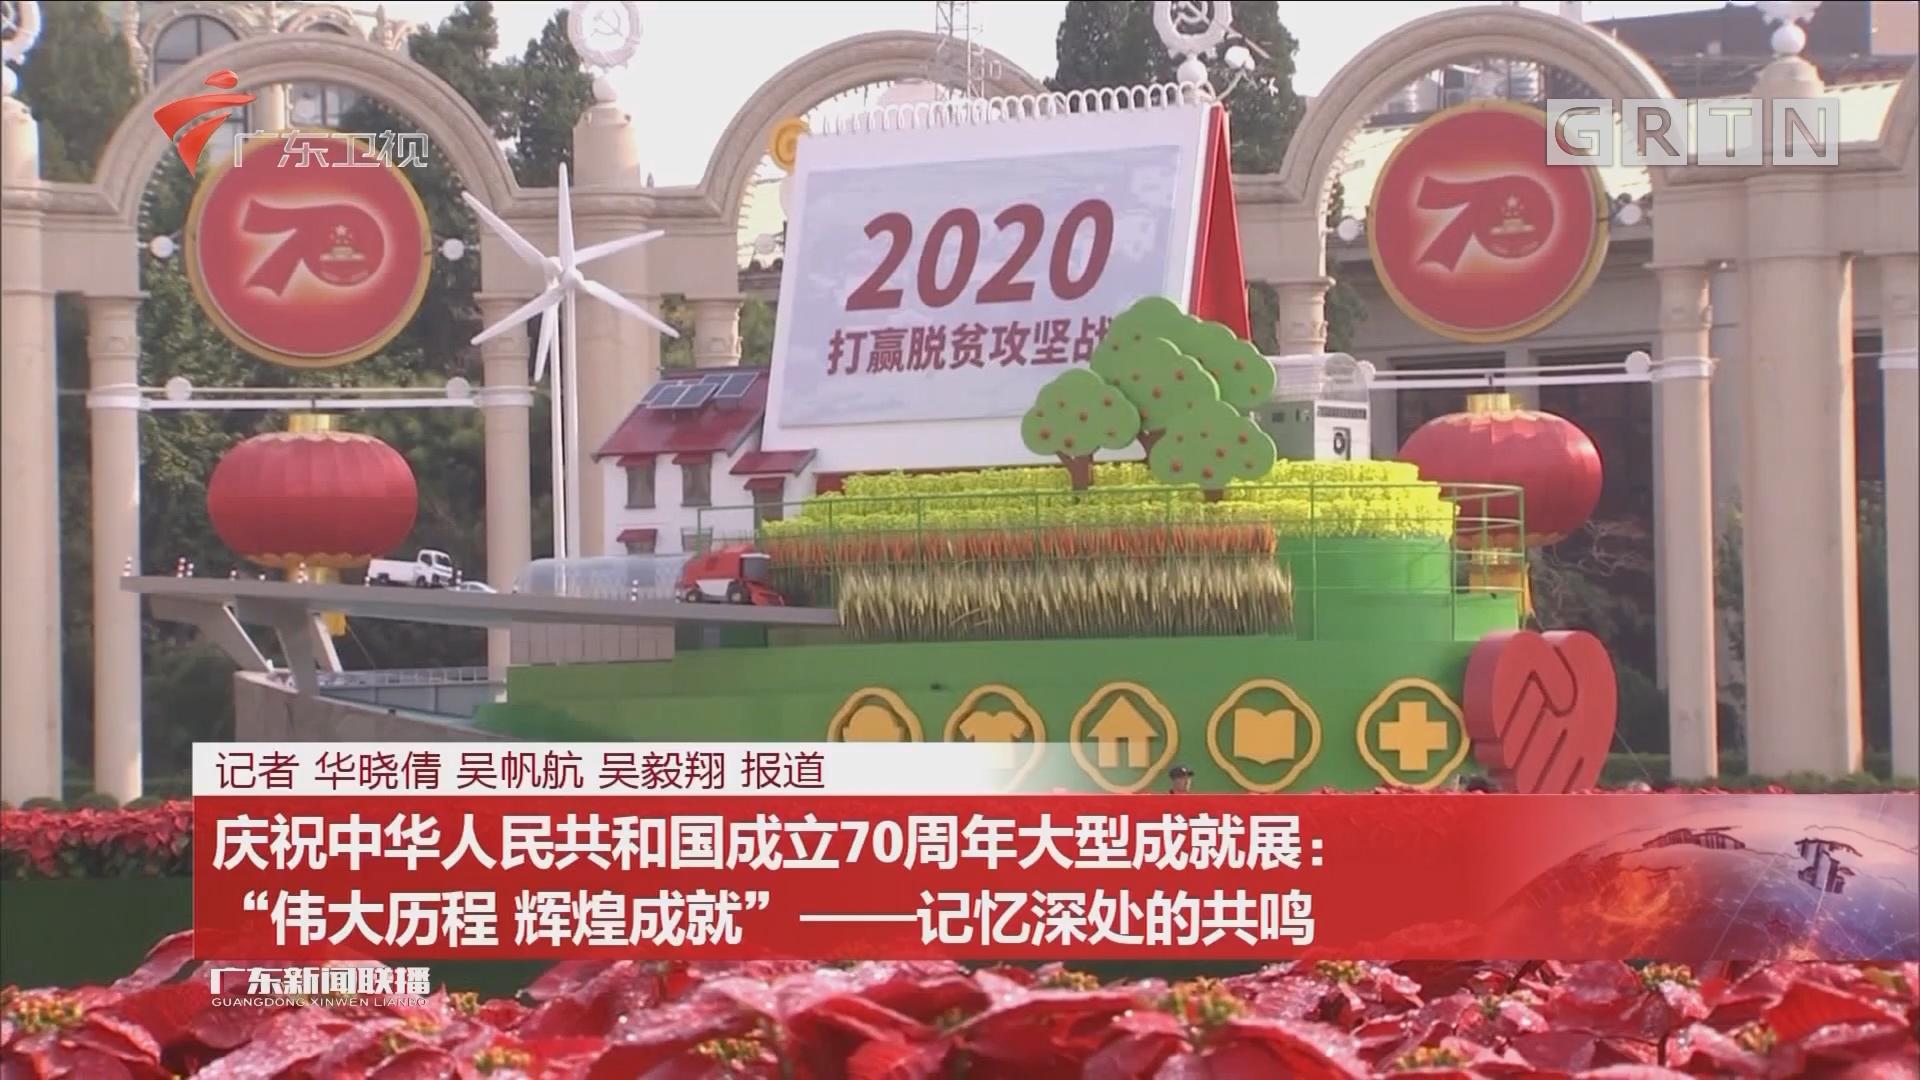 """庆祝中华人民共和国成立70周年大型成就展:""""伟大历程 辉煌成就""""——记忆深处的共鸣"""